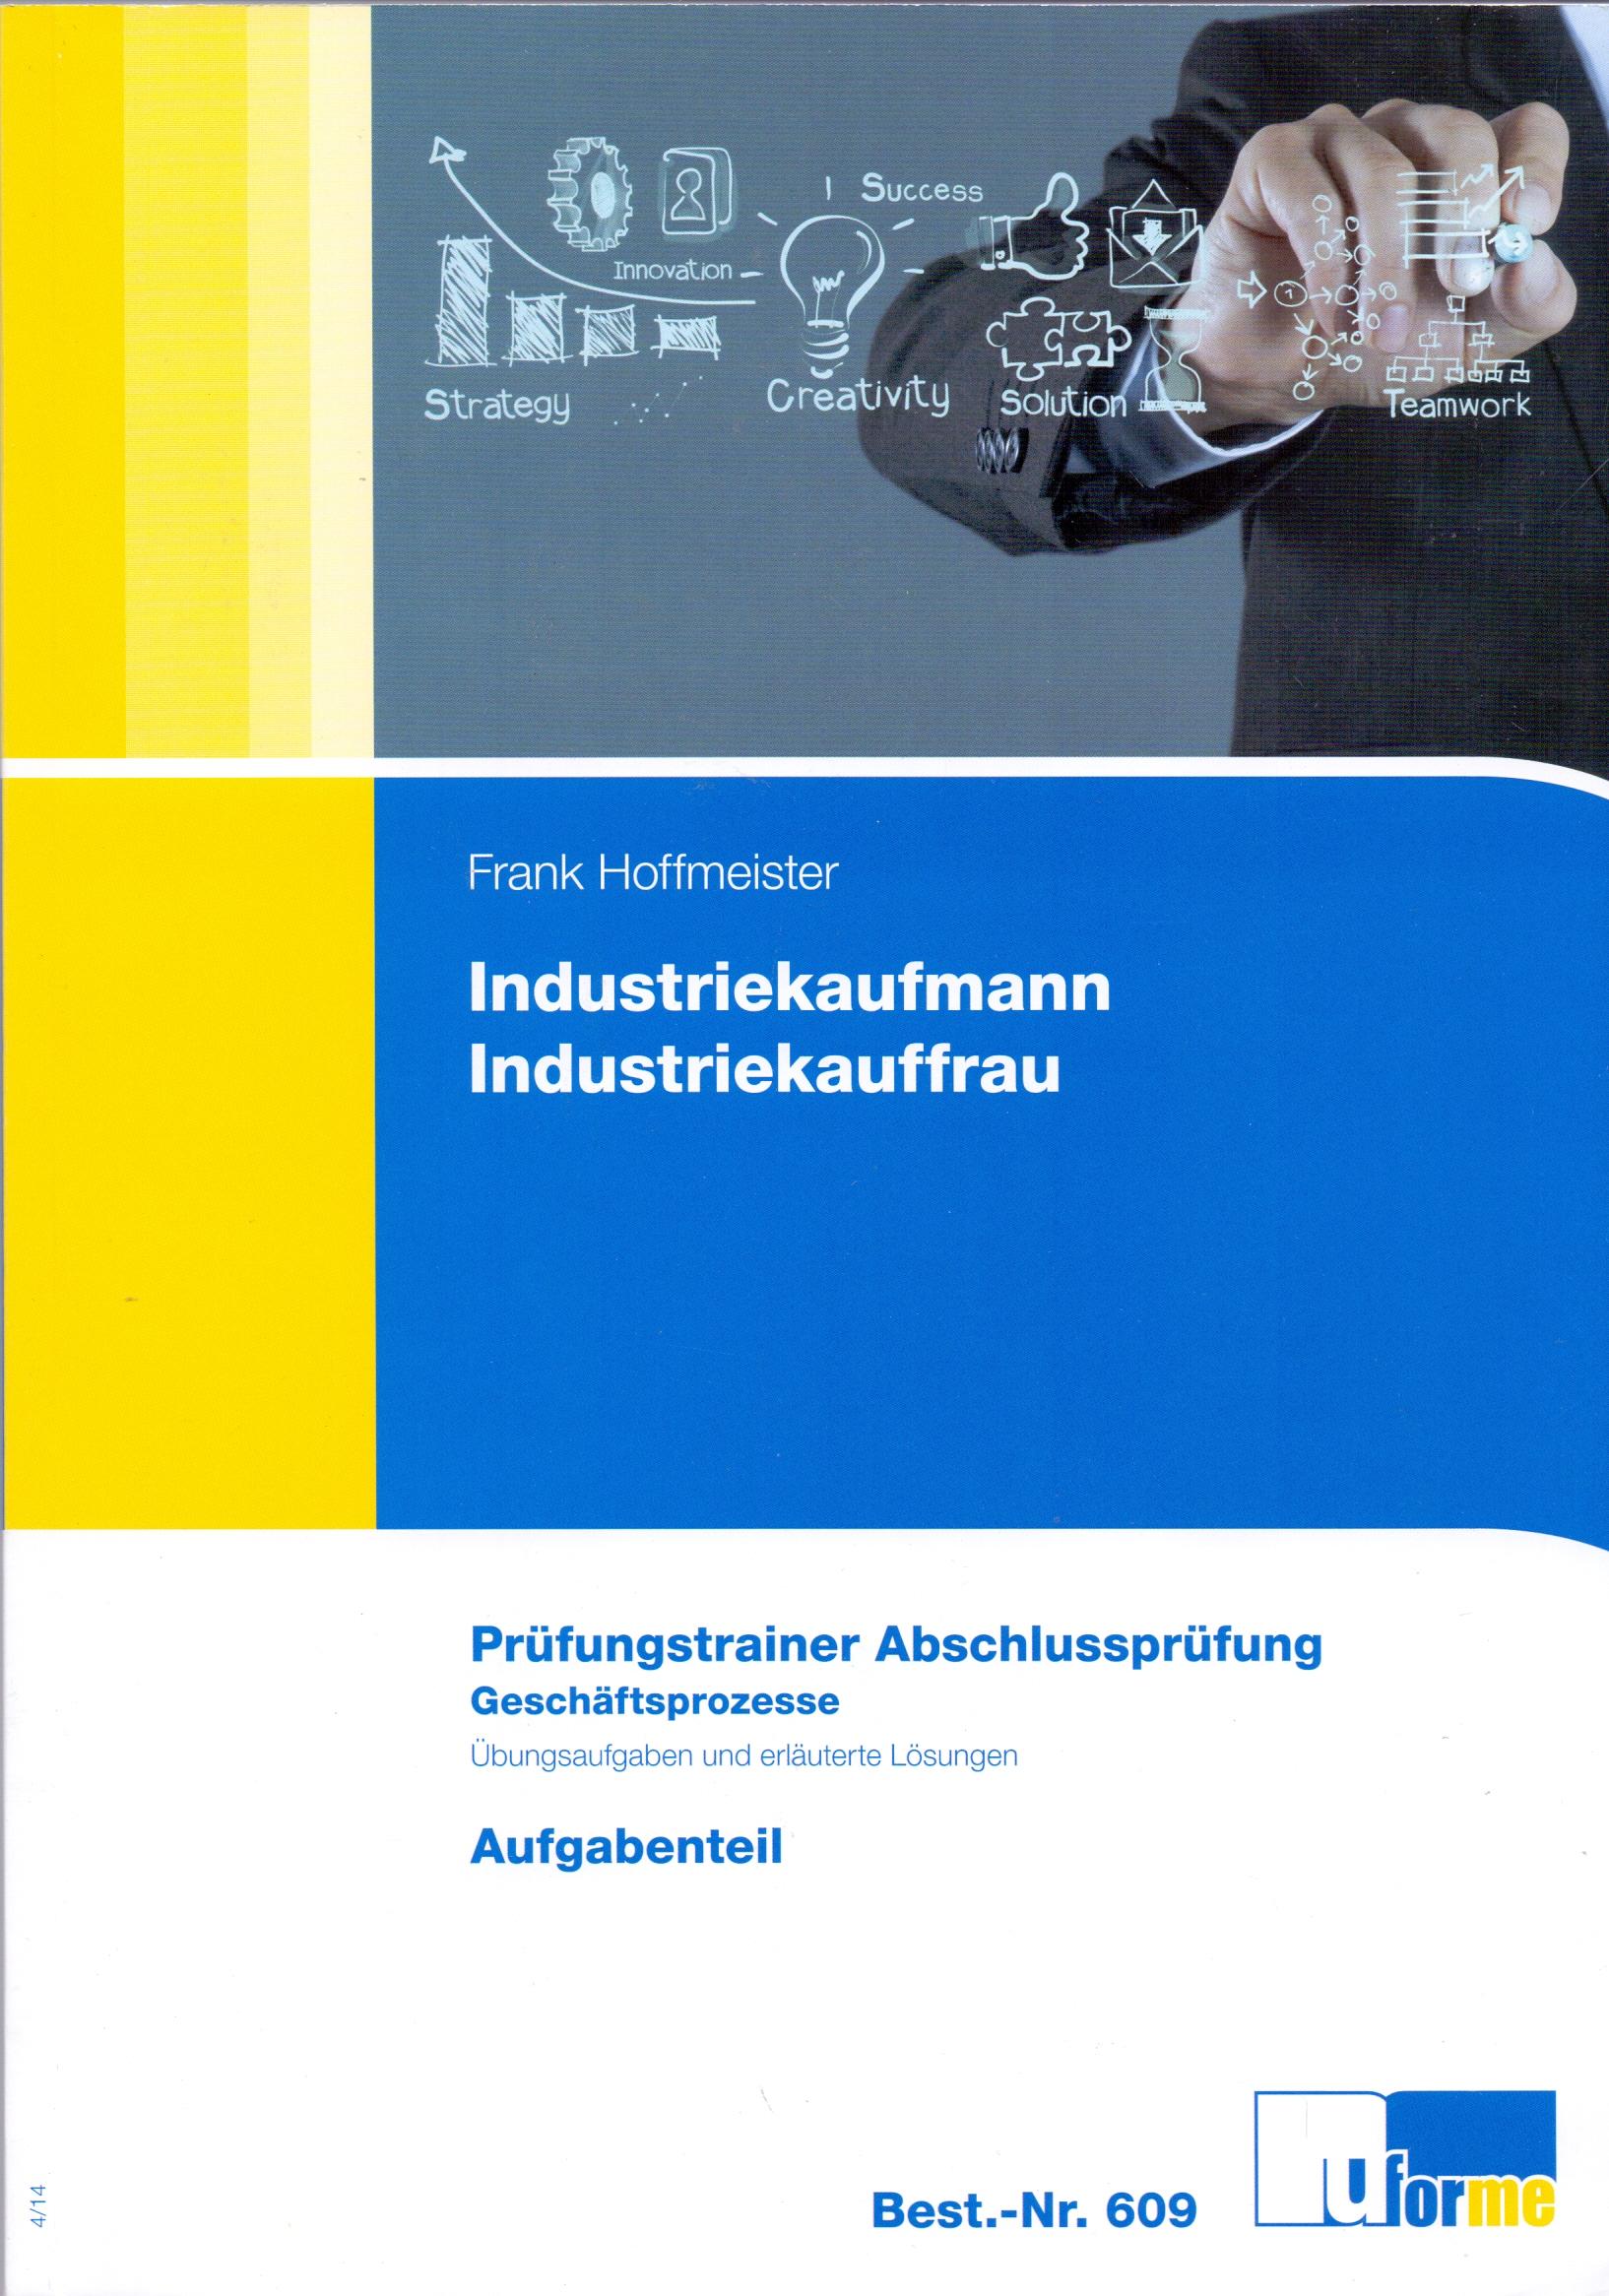 Industriekaufmann / Industriekauffrau: Prüfungstrainer Abschlussprüfung - Geschäftsprozesse - Aufgabenteil & Lösungsteil